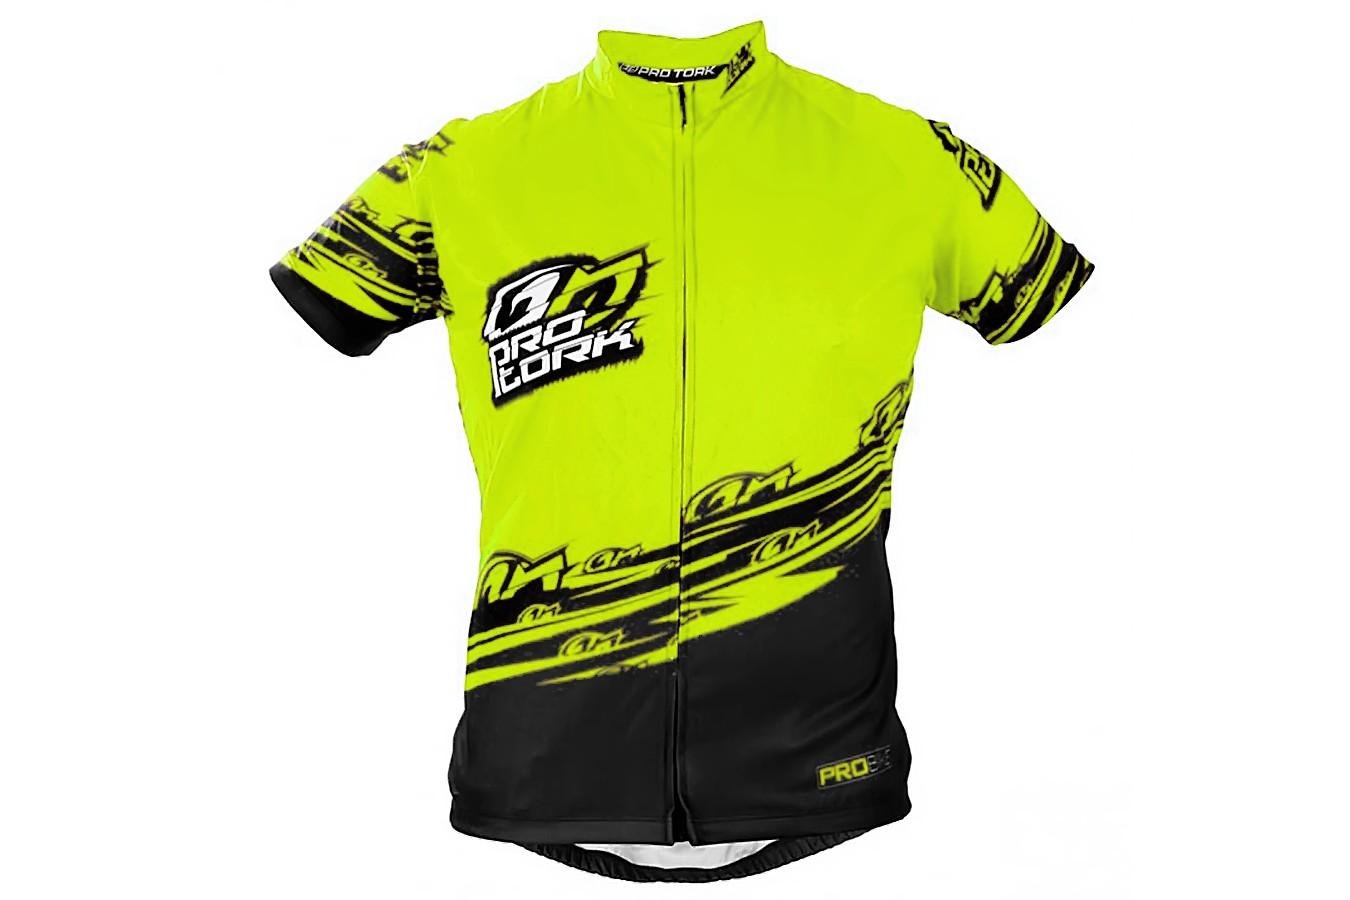 Camisa Ciclista Bike Line 1 - Protork